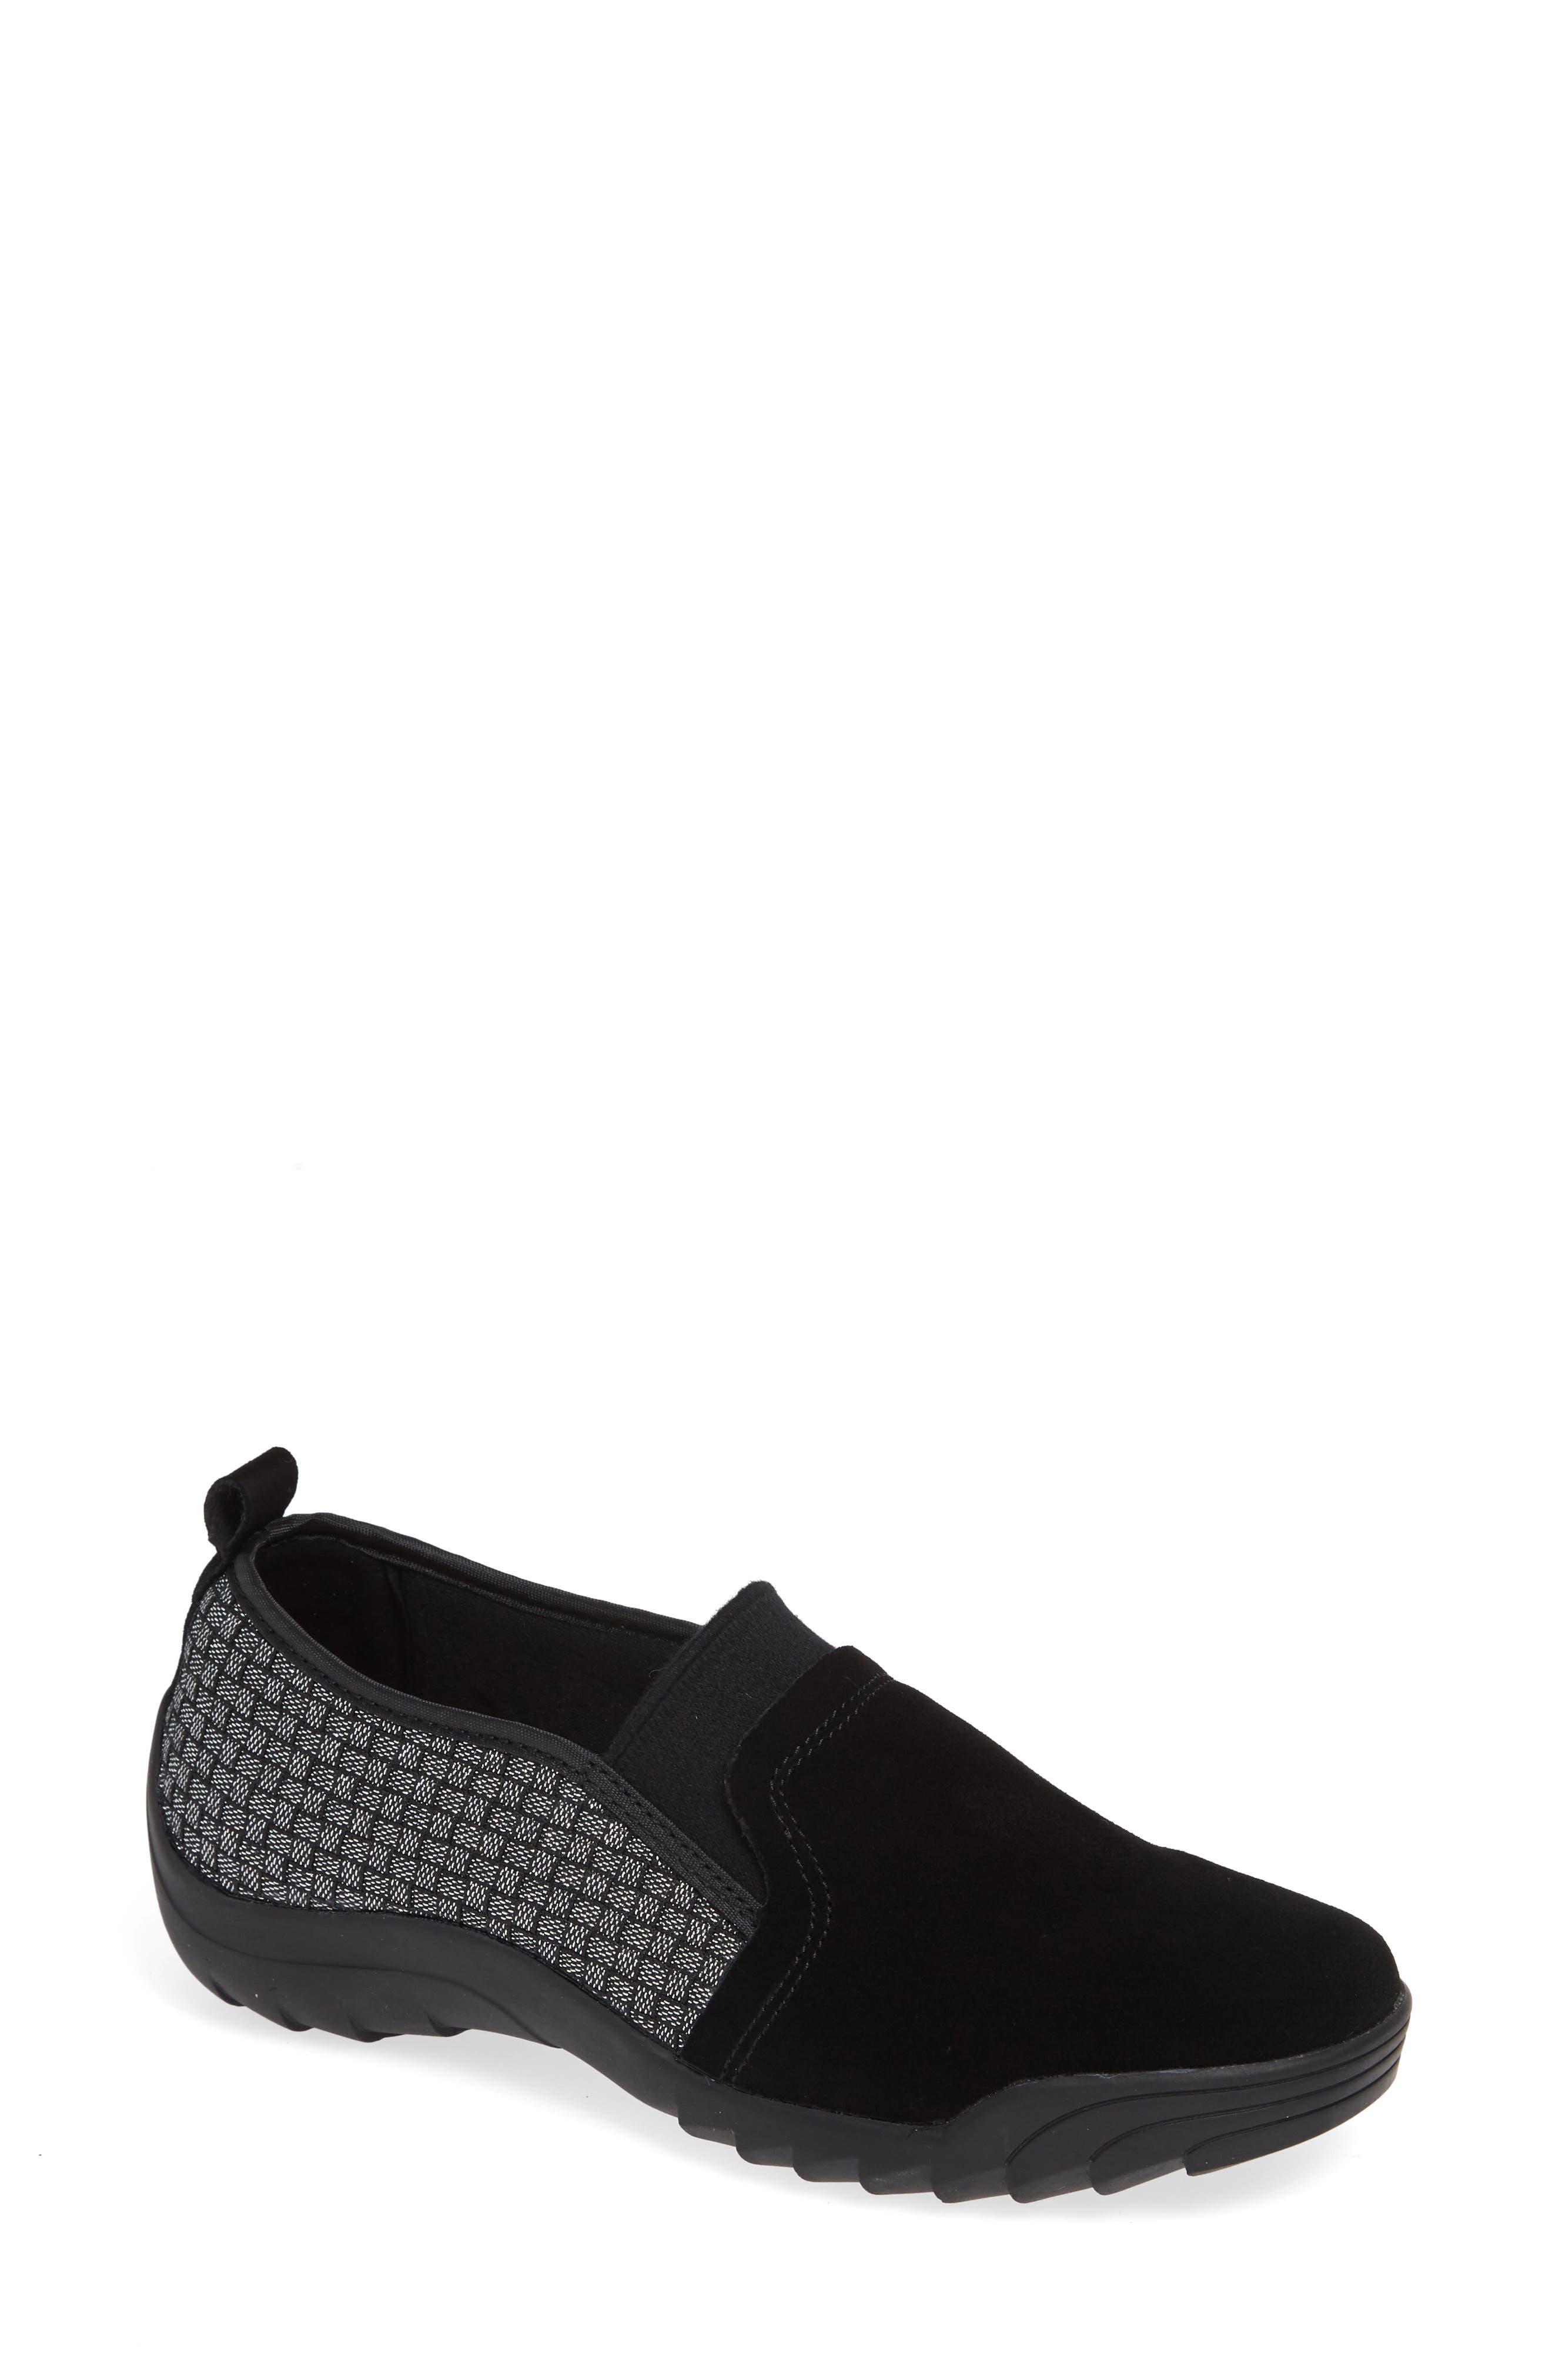 Swift Slip-On Sneaker,                         Main,                         color, BLACK SHIMMER LEATHER